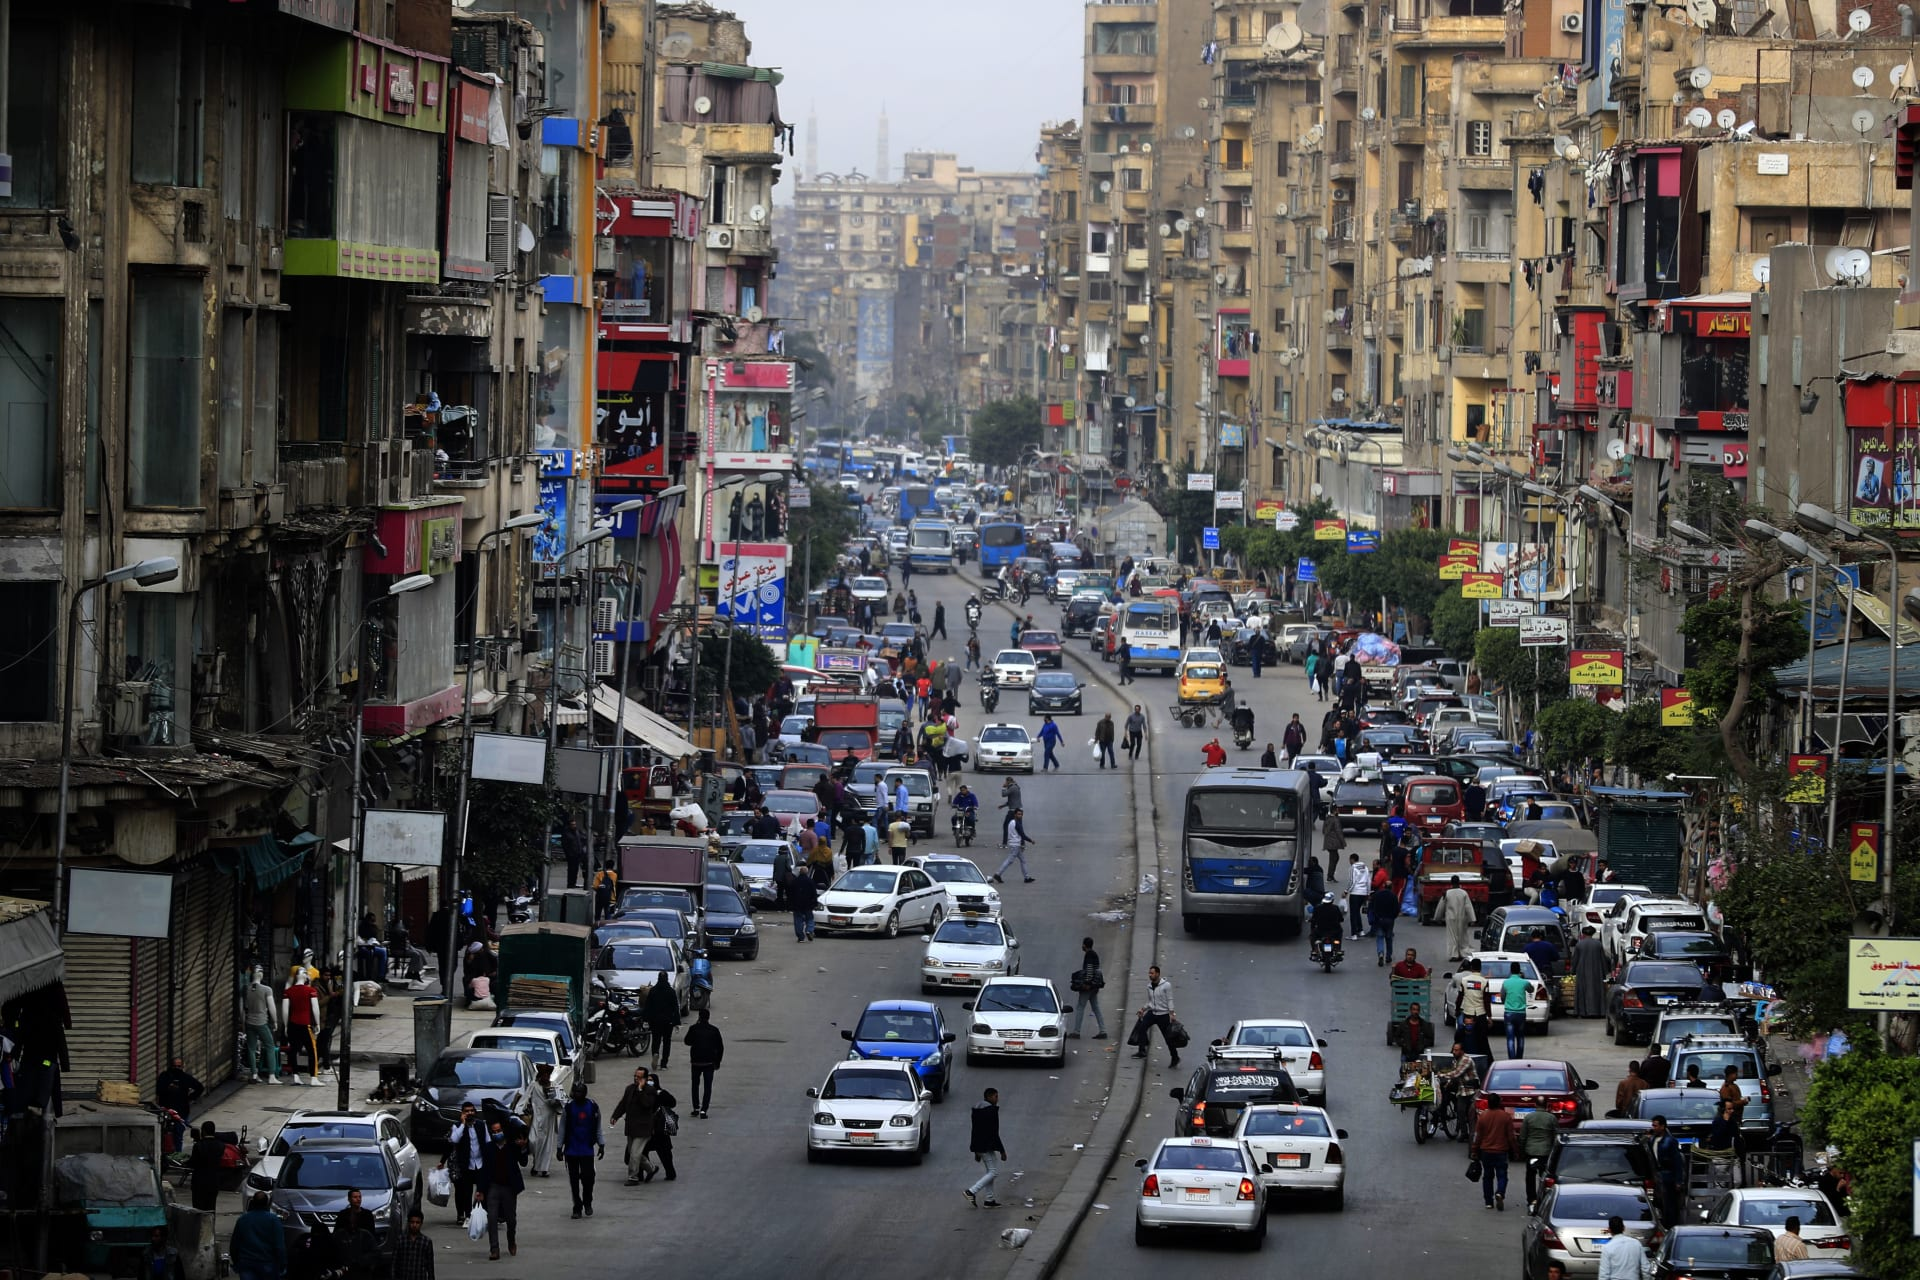 مصر: إحالة نجل رجل الأعمال كامل أبو علي لمحكمة الجنايات بعد مقتل مهندسة شابة